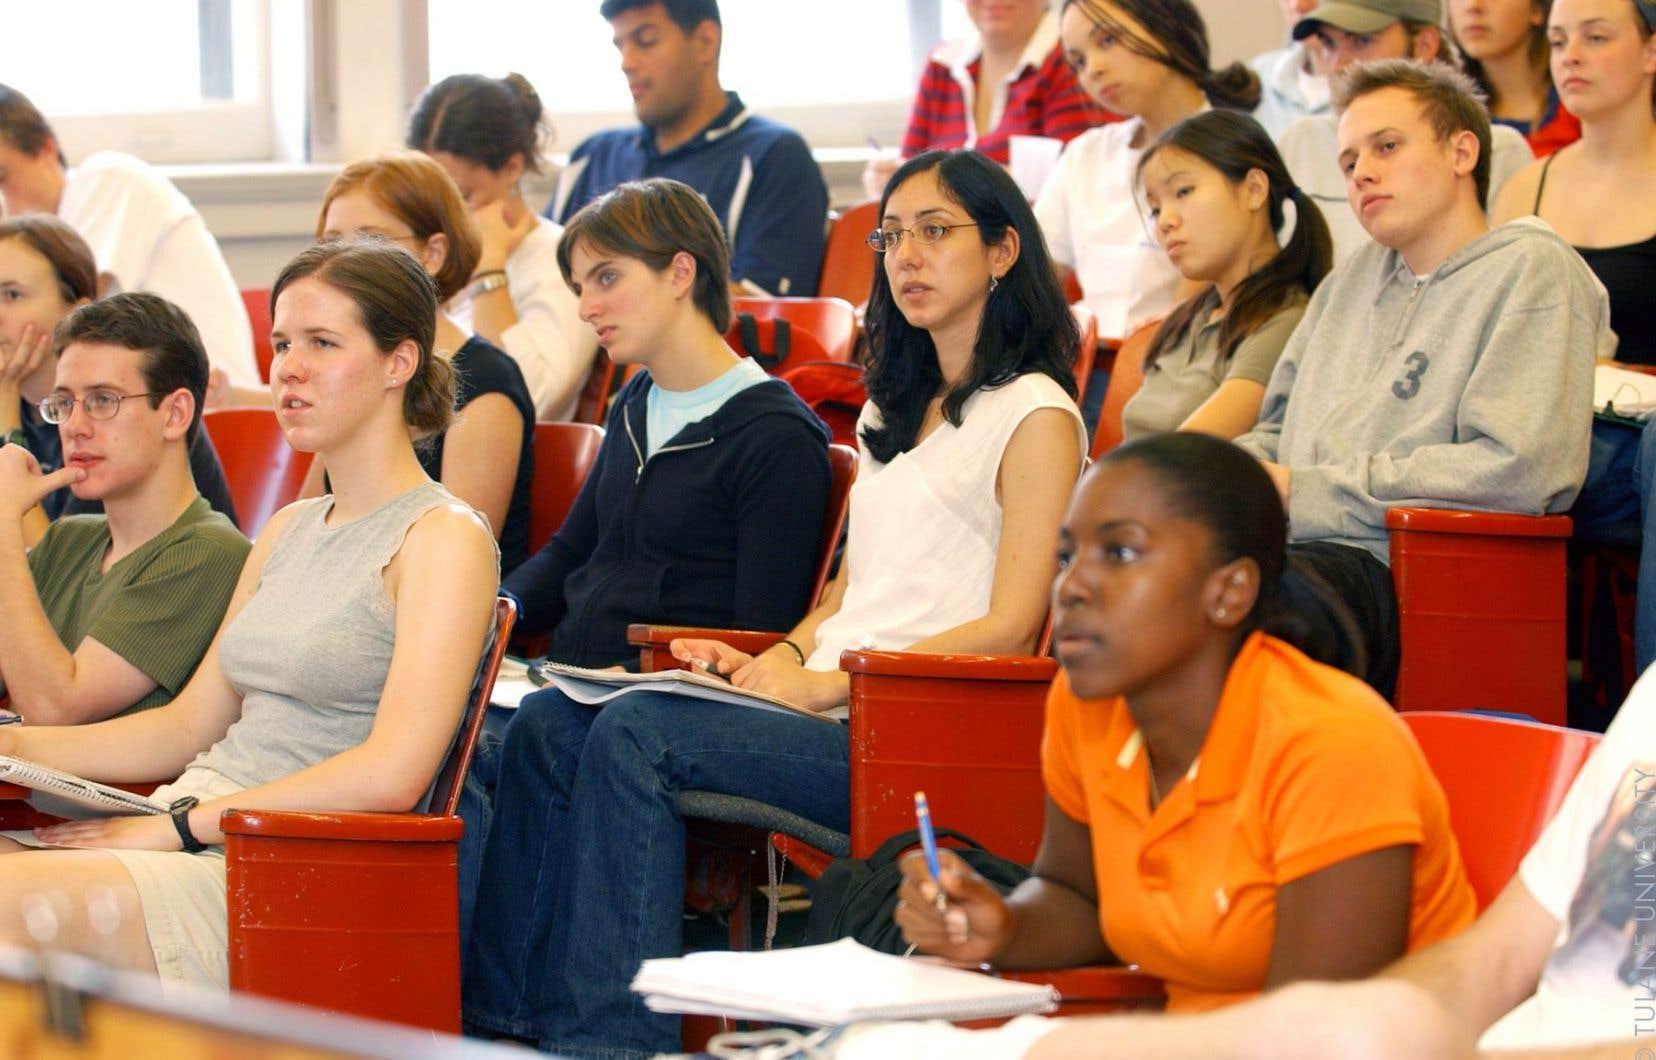 Aujourd'hui, 40 % des jeunes de 25 à 34 ans ont un diplôme universitaire.